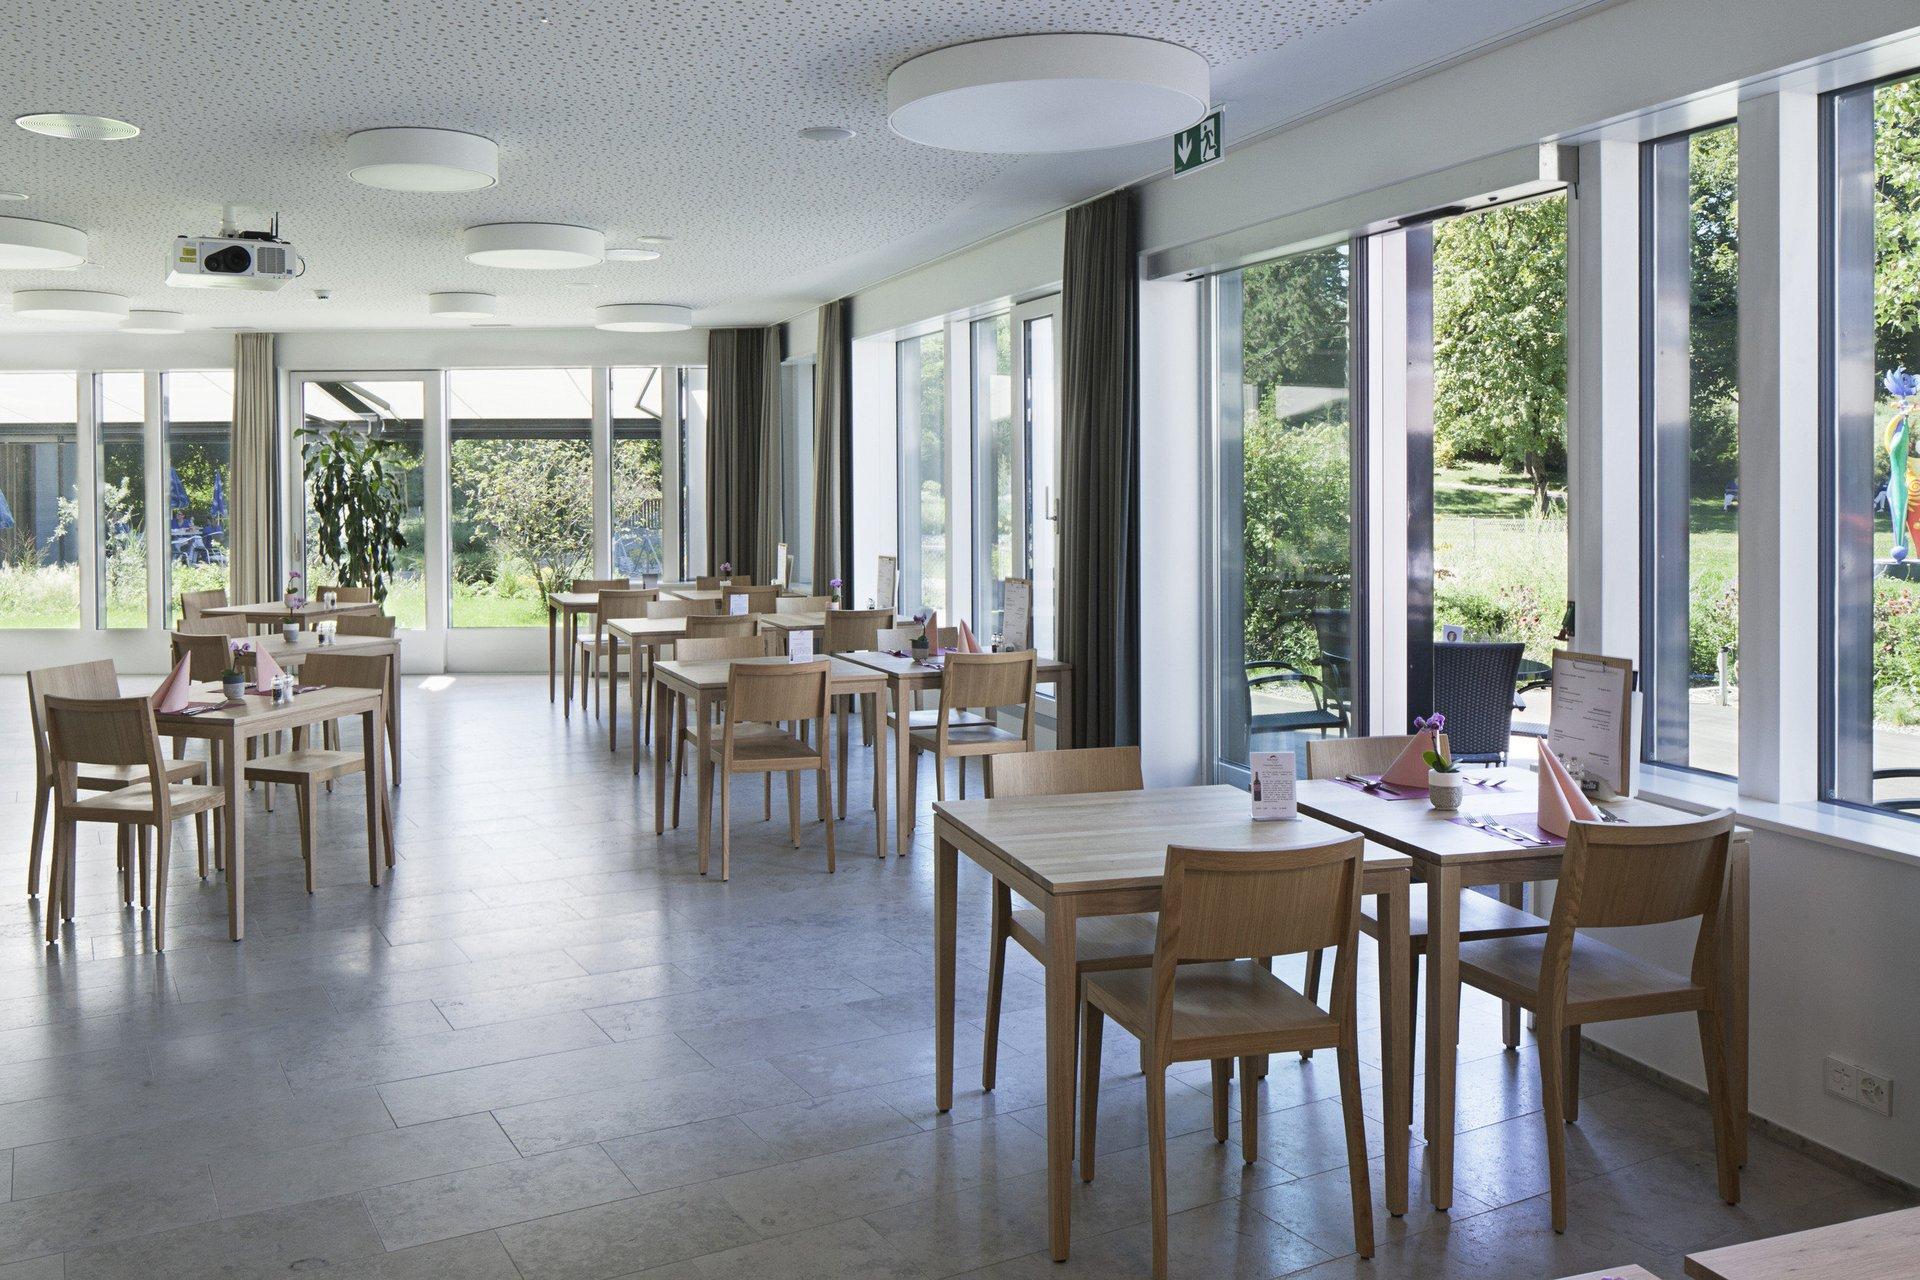 bestuhlter Aufenthaltsbereich mit grossen Holz-Metall-Schiebefensterelemente